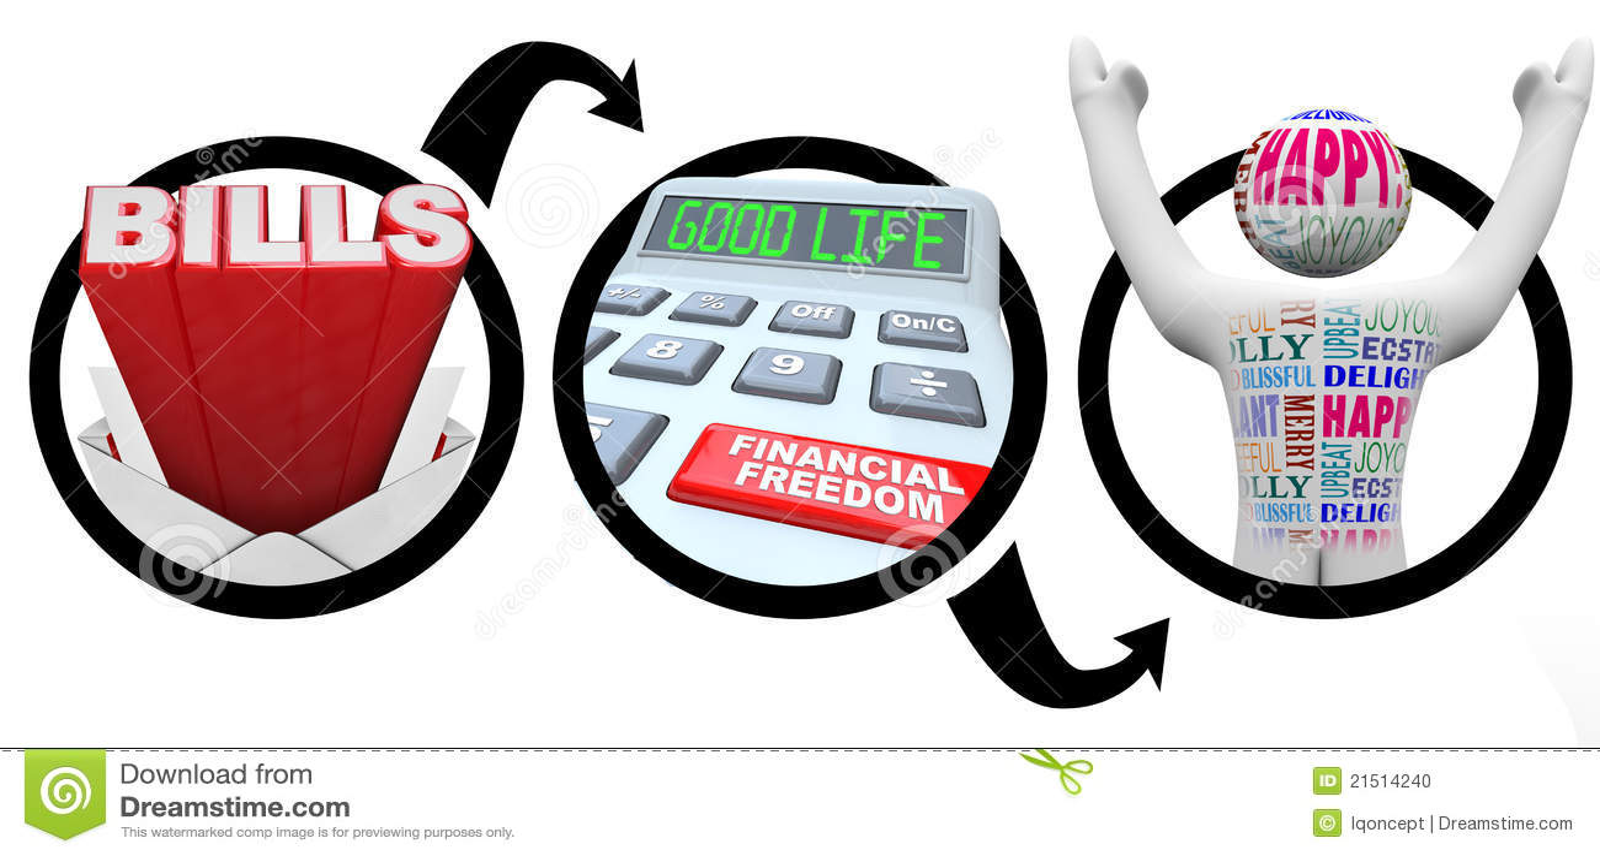 Los pasos de progresión a las cuentas financieras de la libertad reducen deuda